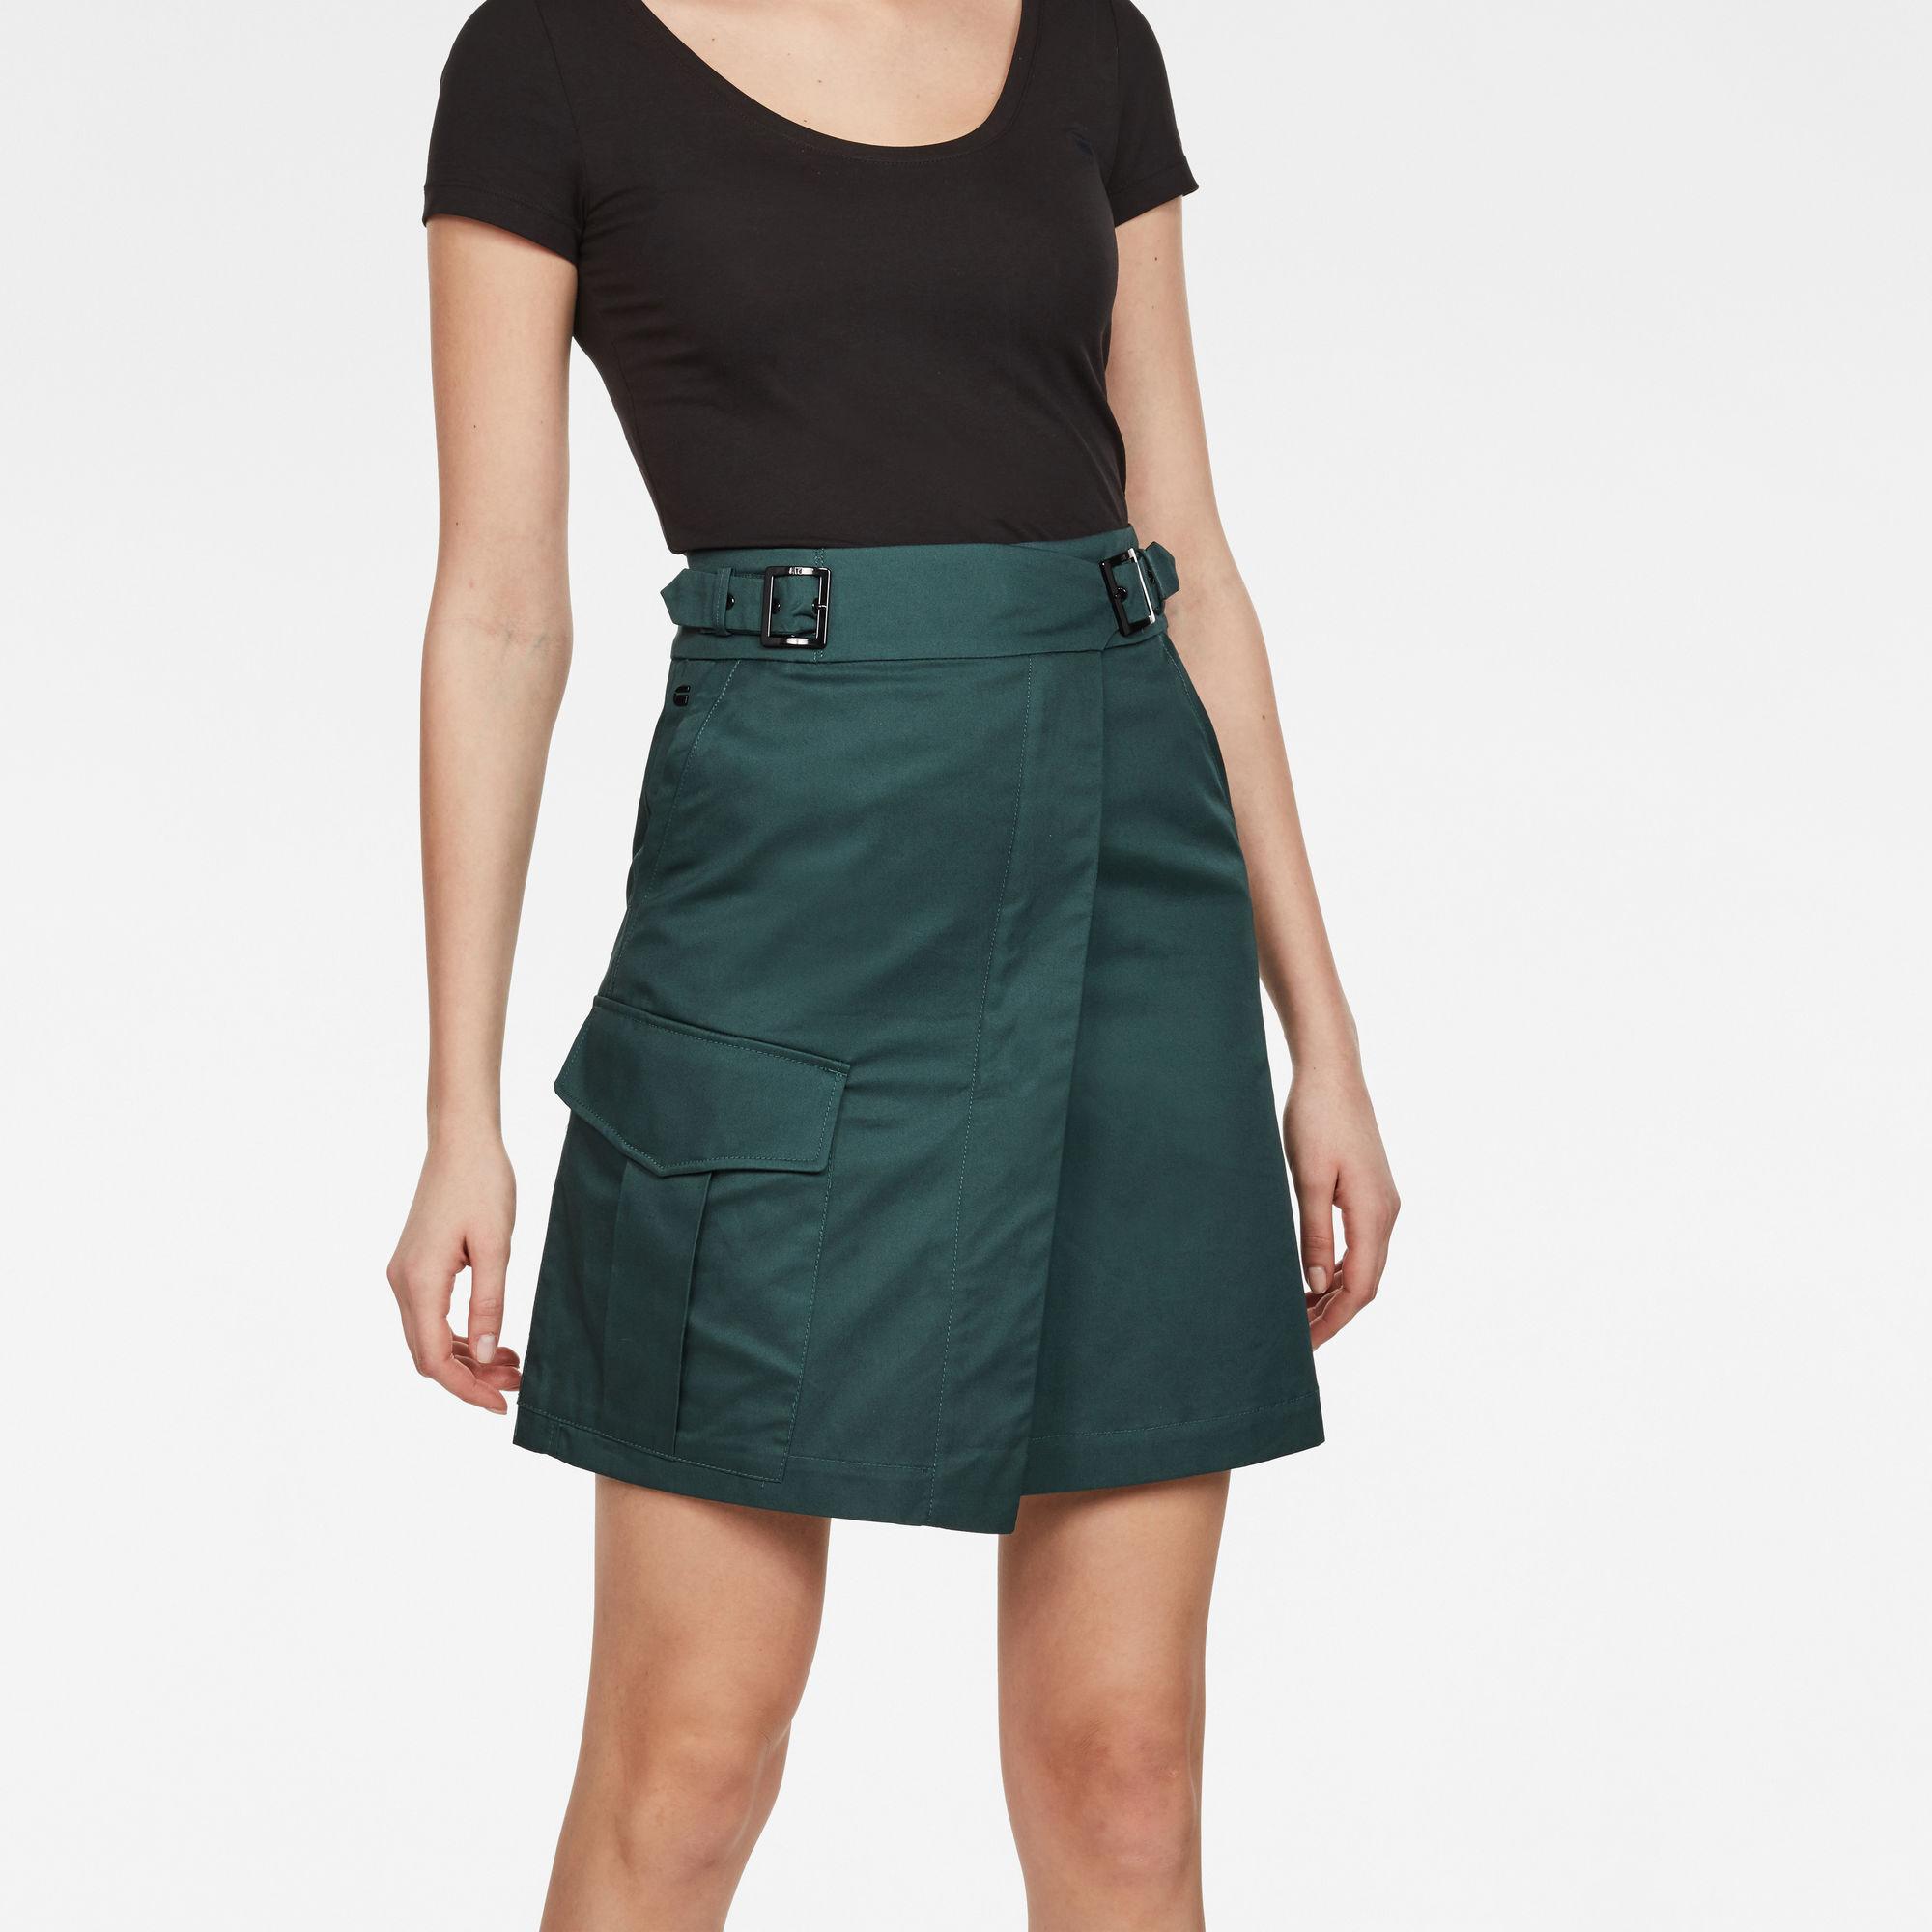 G-Star RAW Bristum Army Wrap Skirt